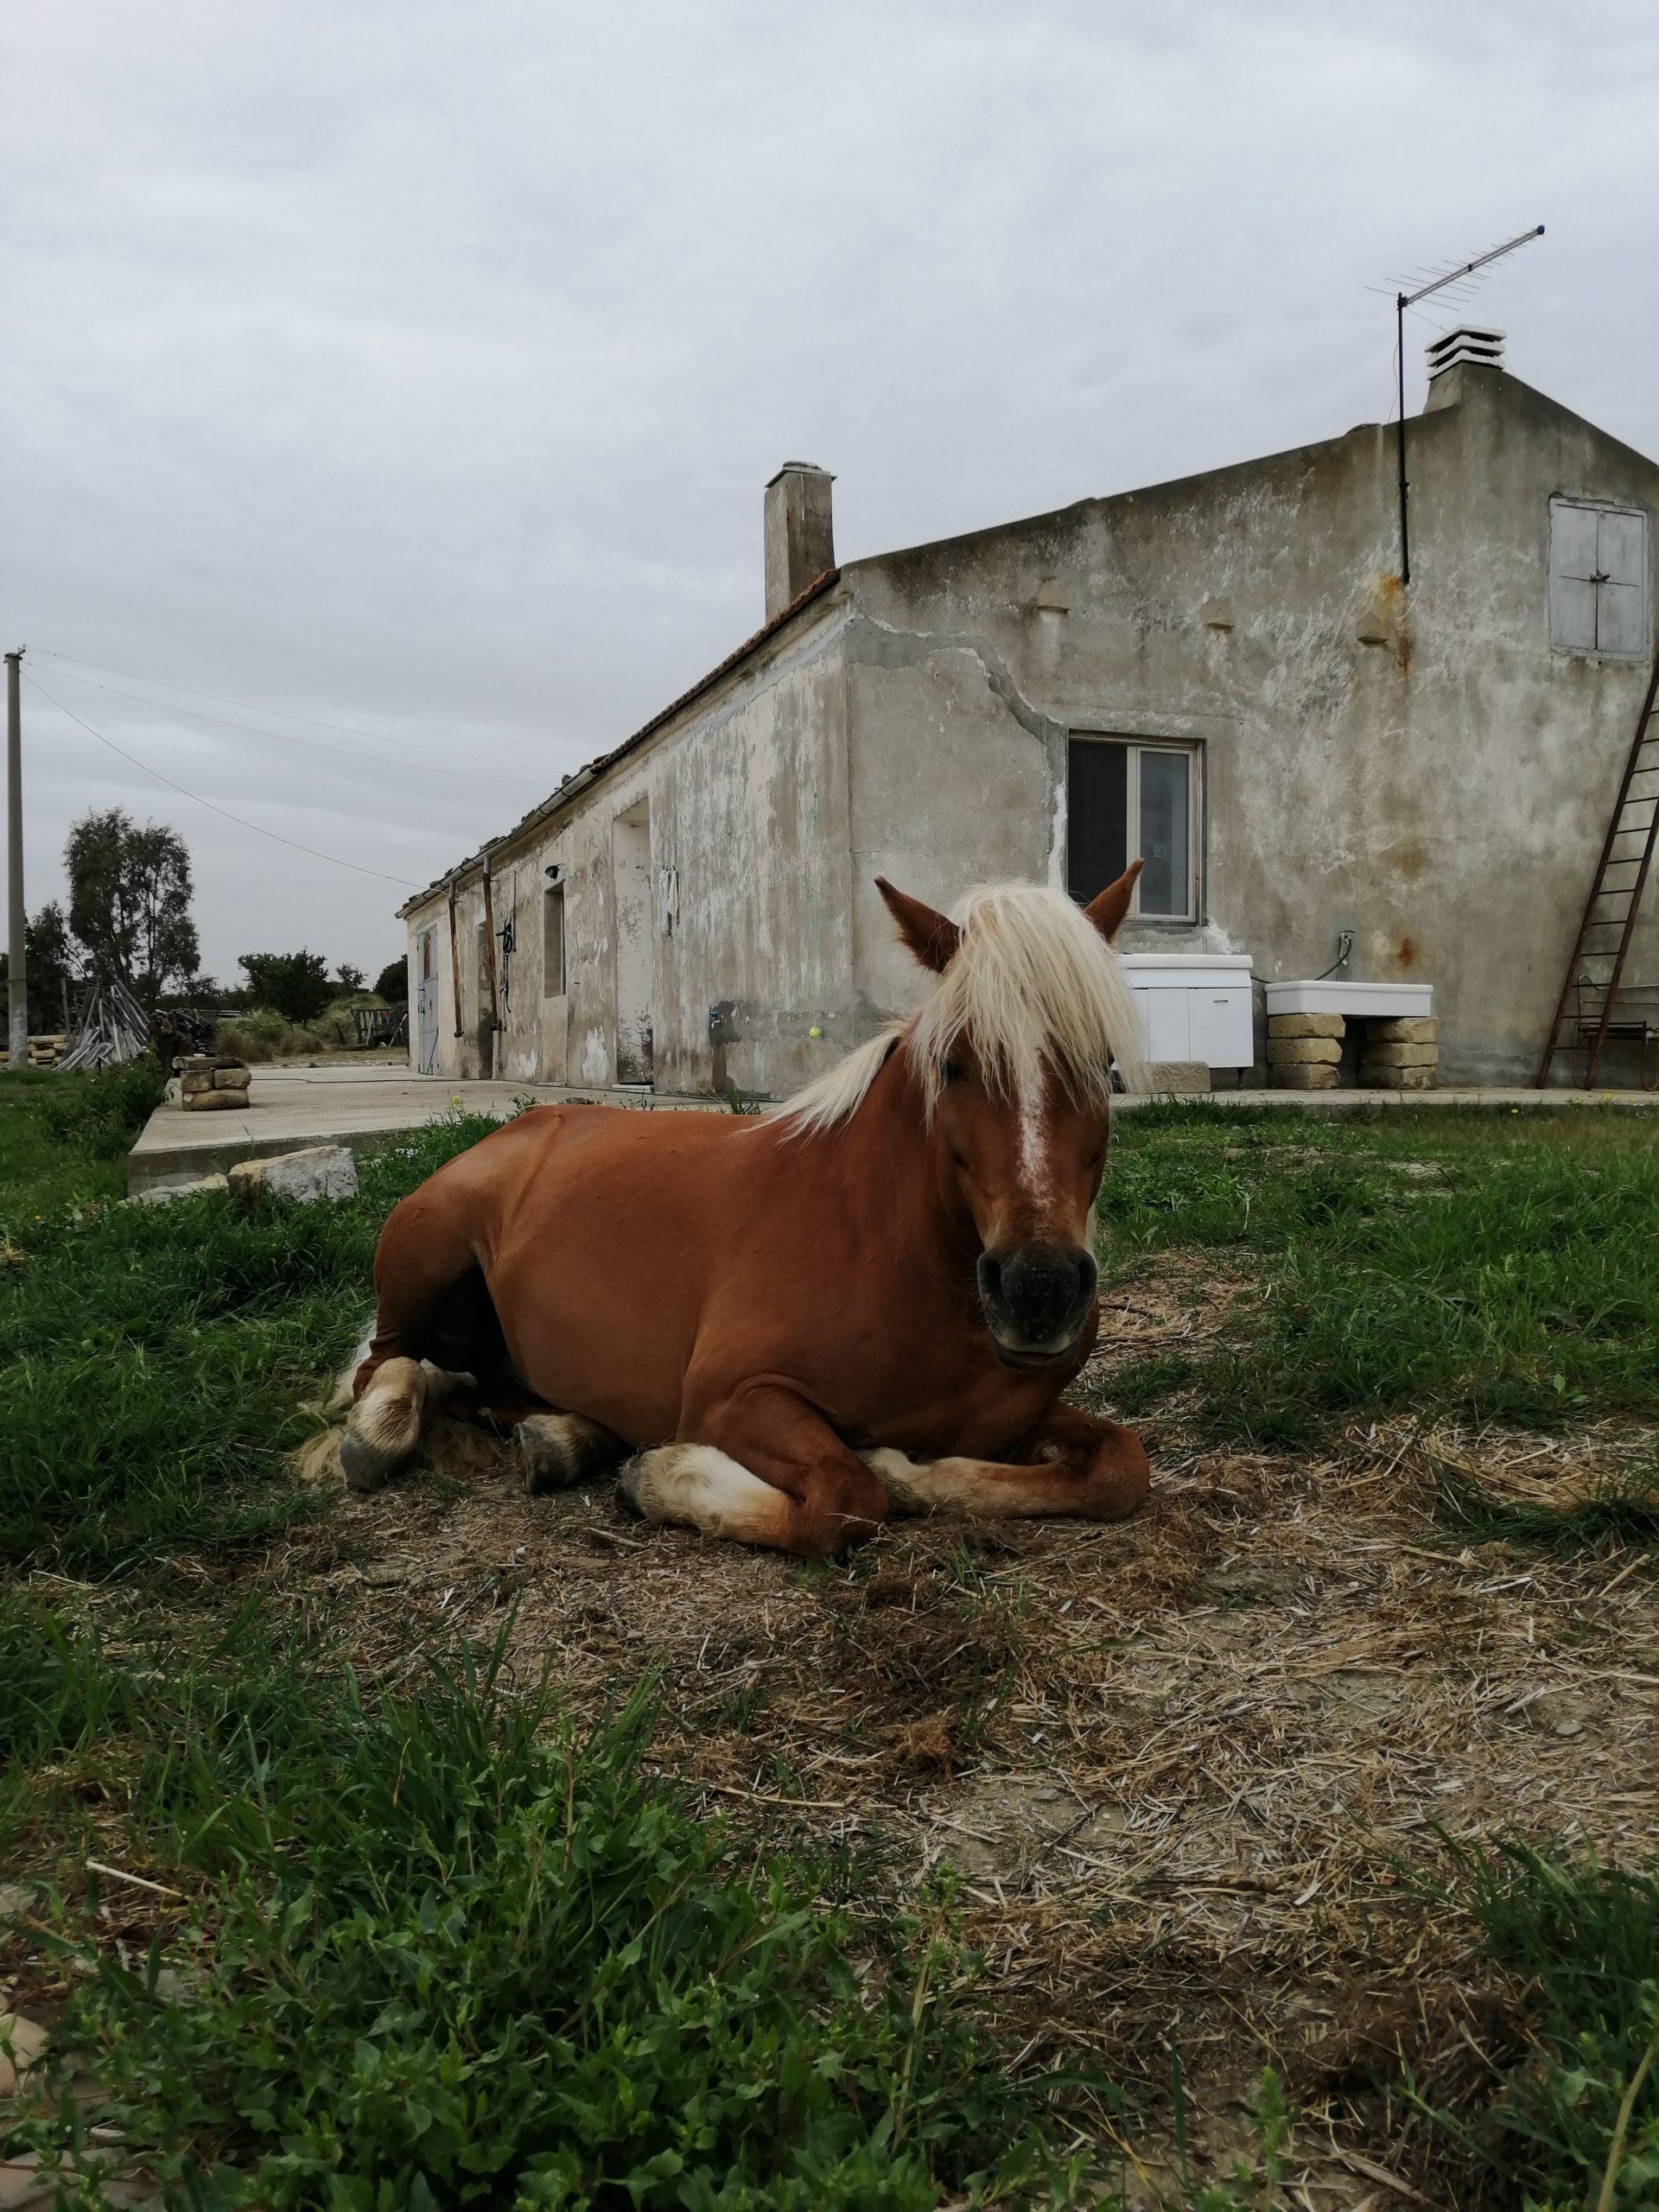 Cerco amante cavalli